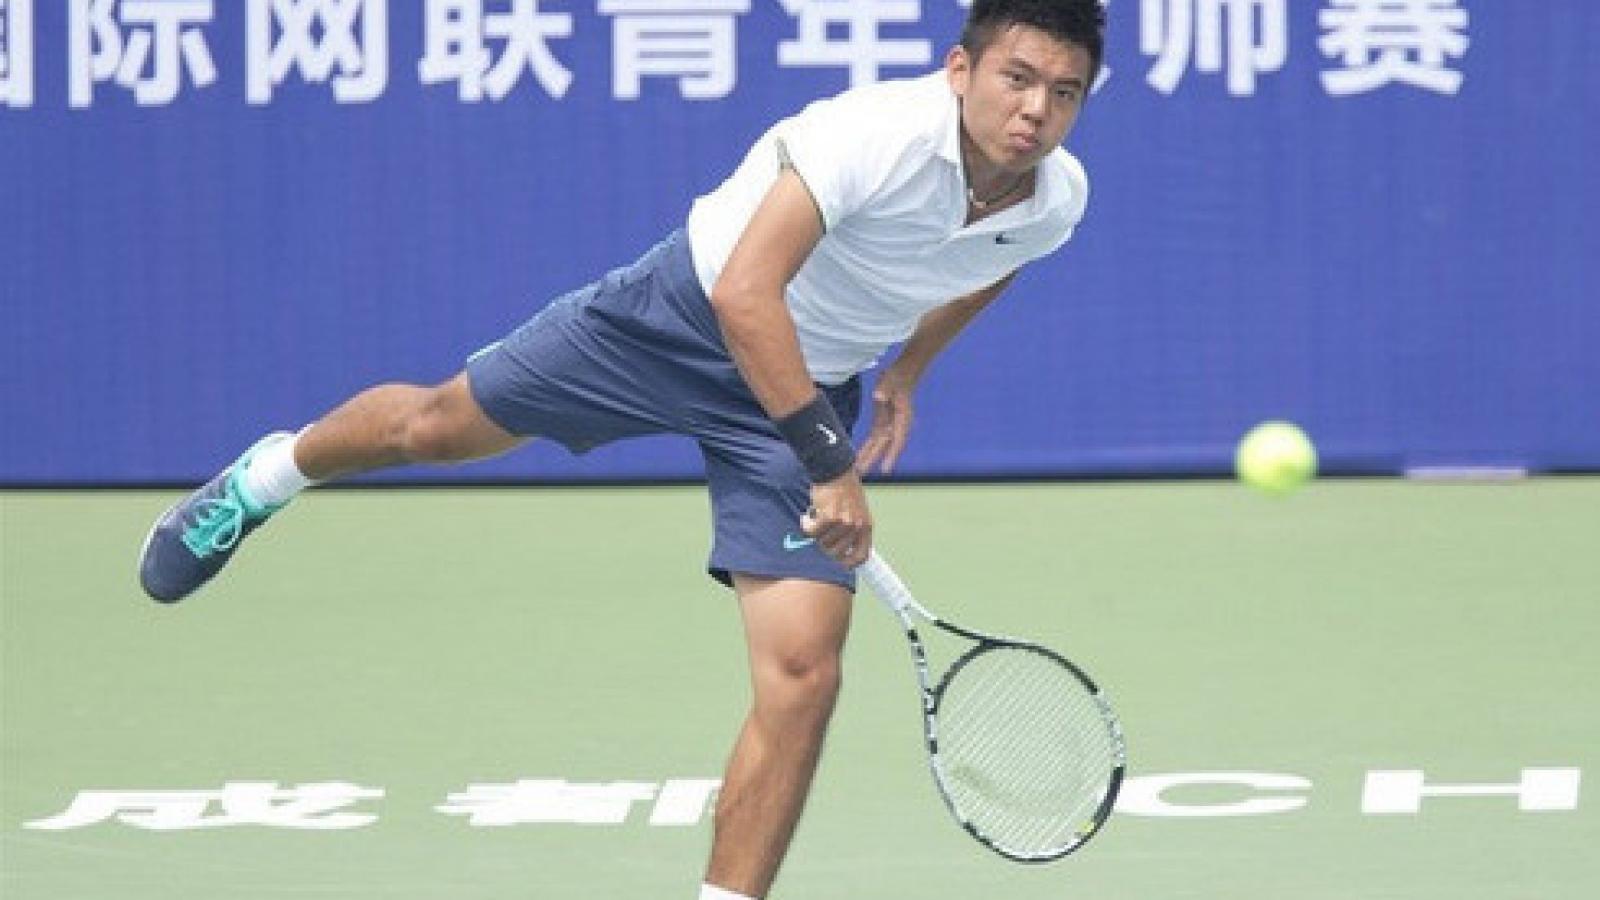 Open tennis championship gets underway